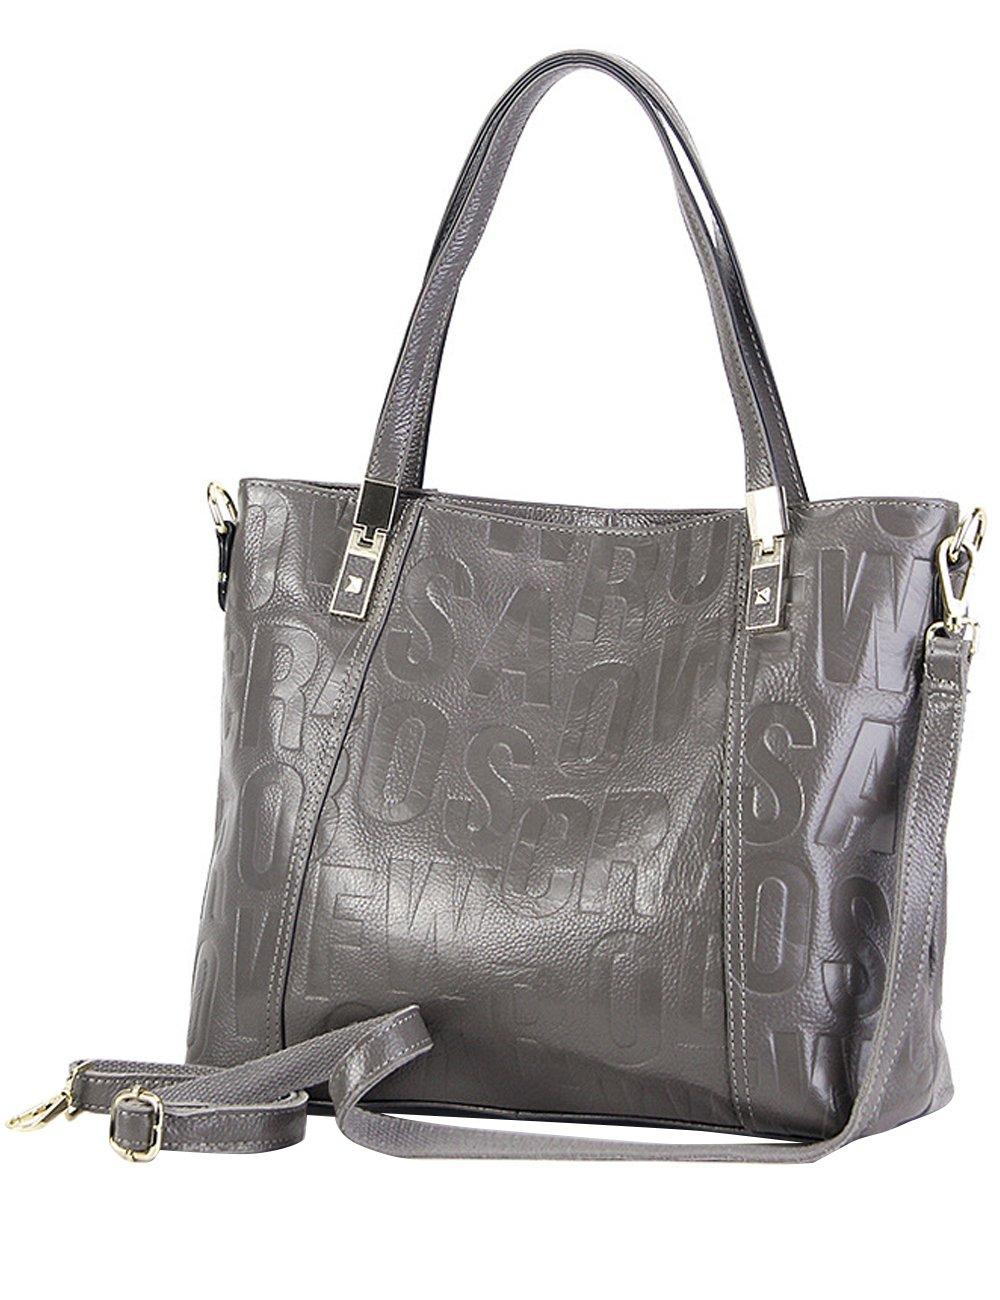 Menschwear Womens Genuine Leather Top Handle Satchel Bag Grey by Menschwear (Image #5)